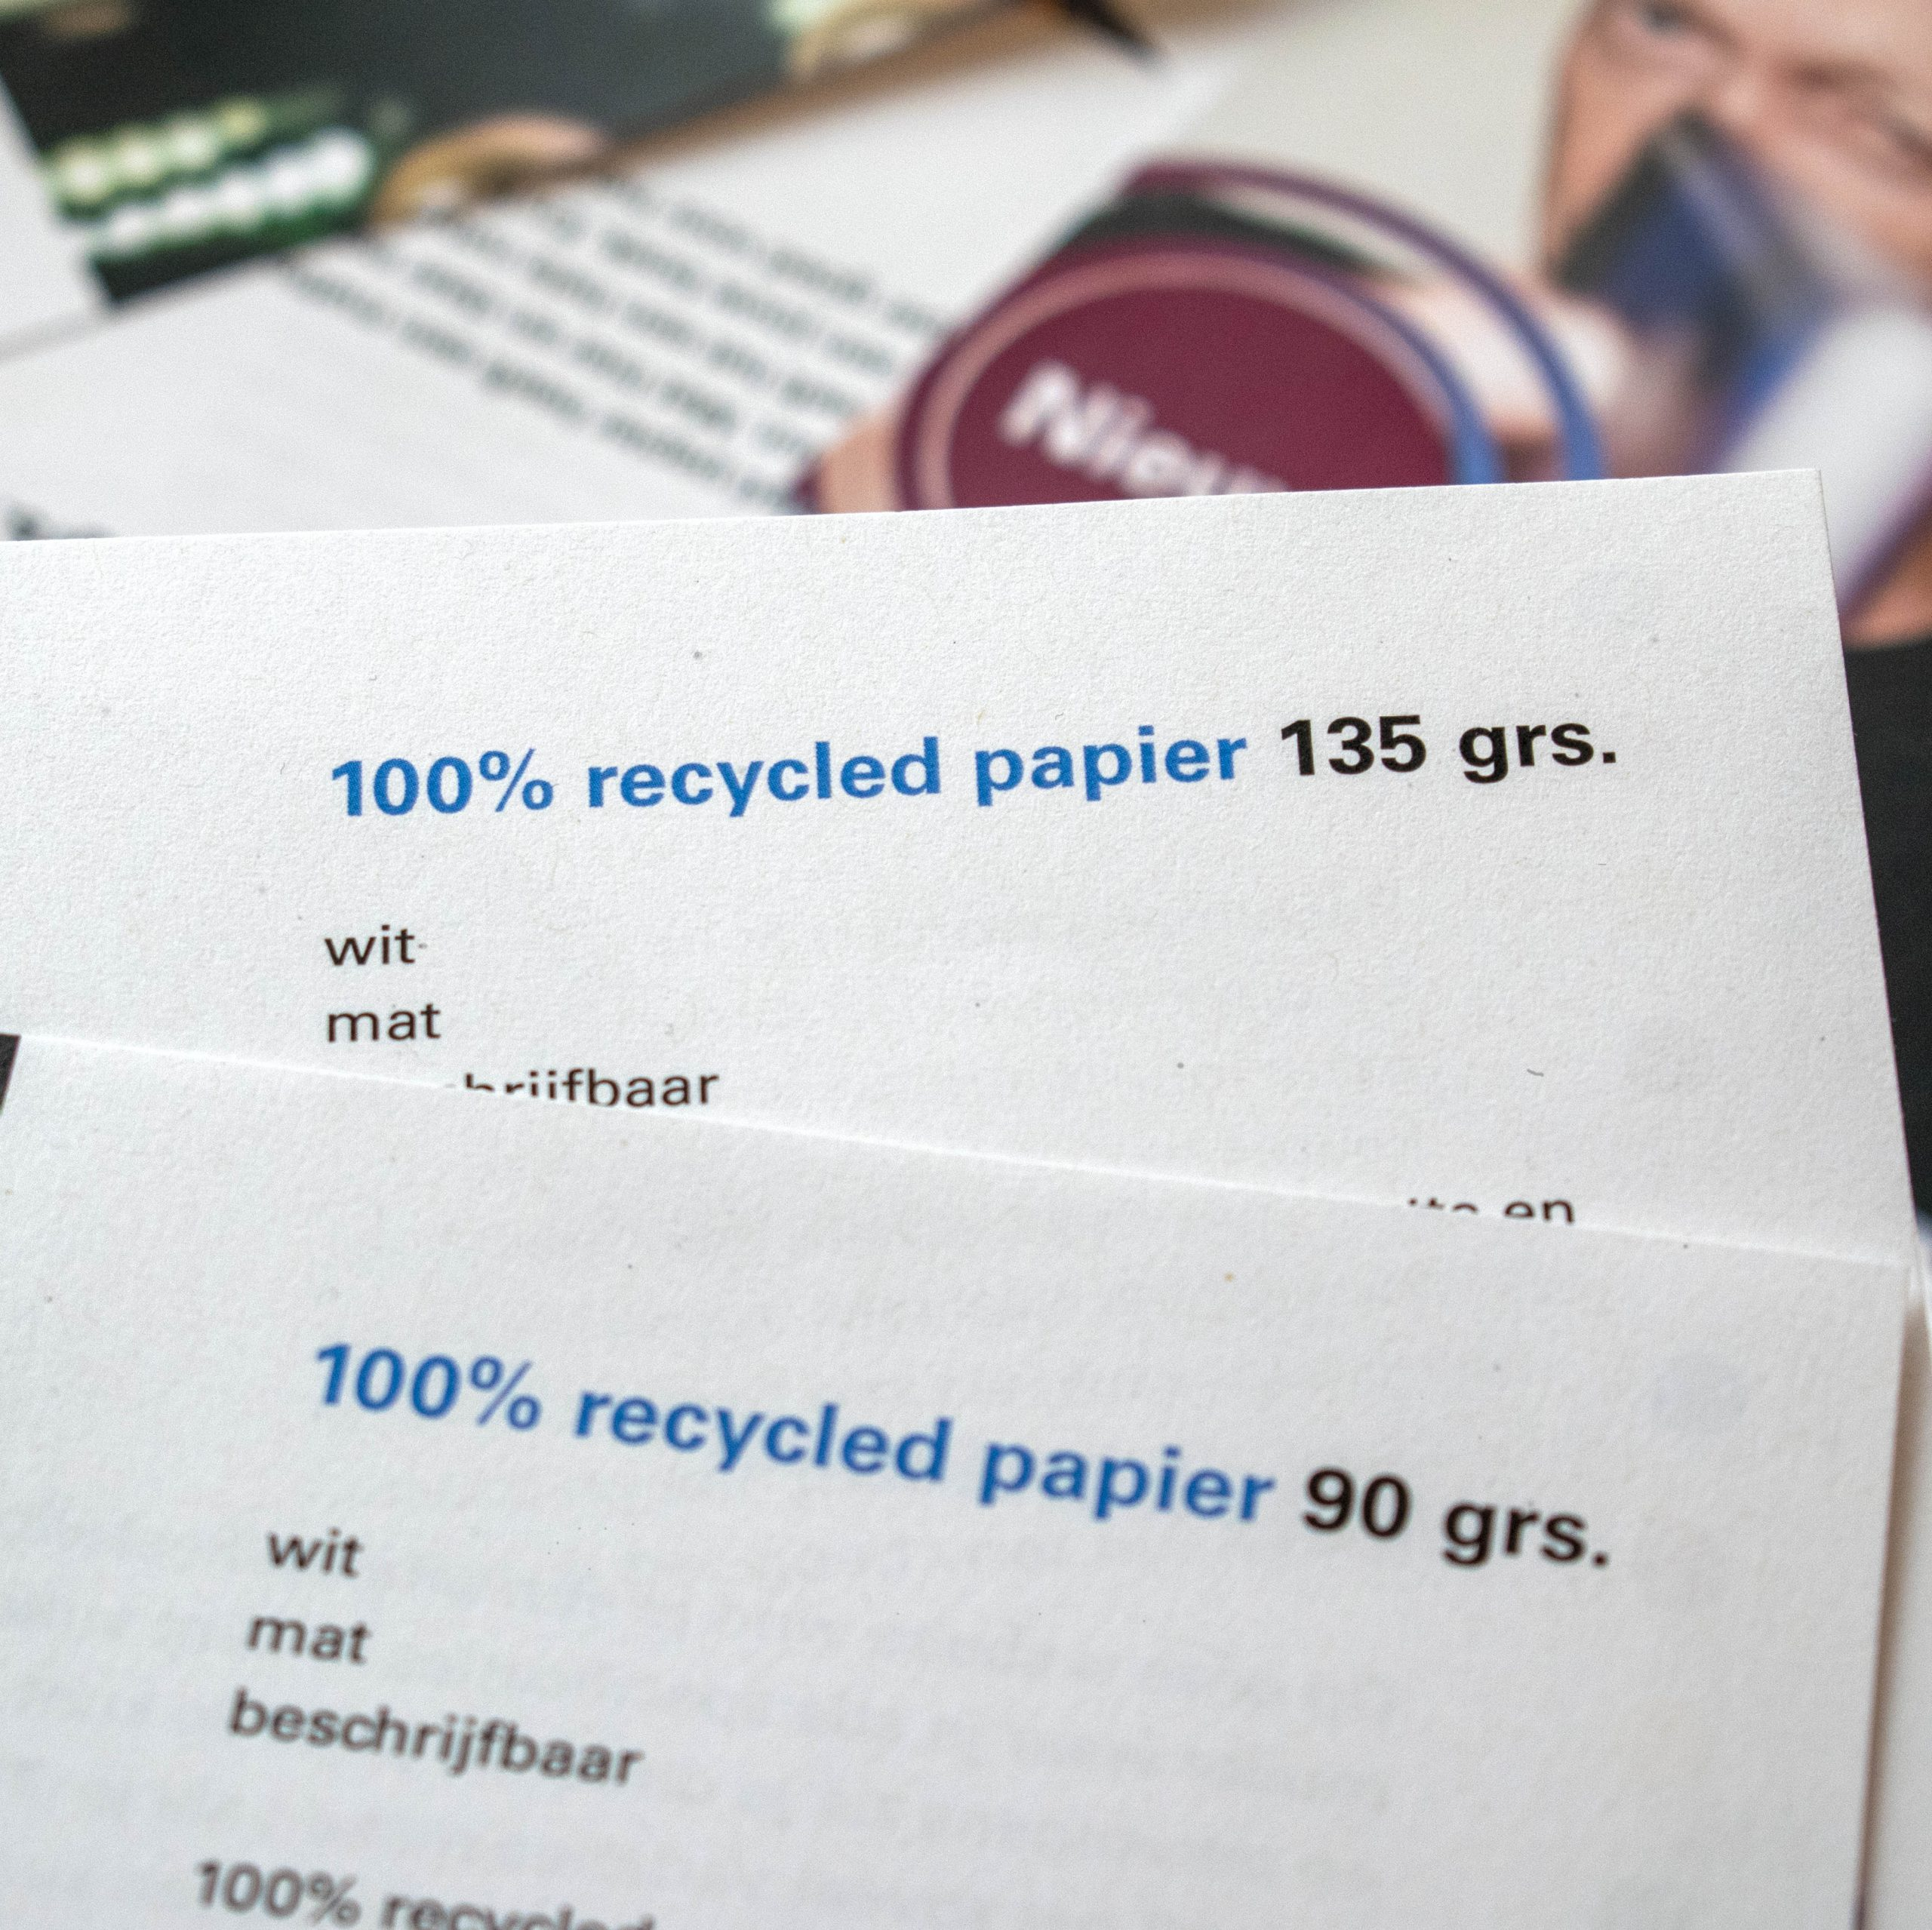 duurzaam boek met recycled papier